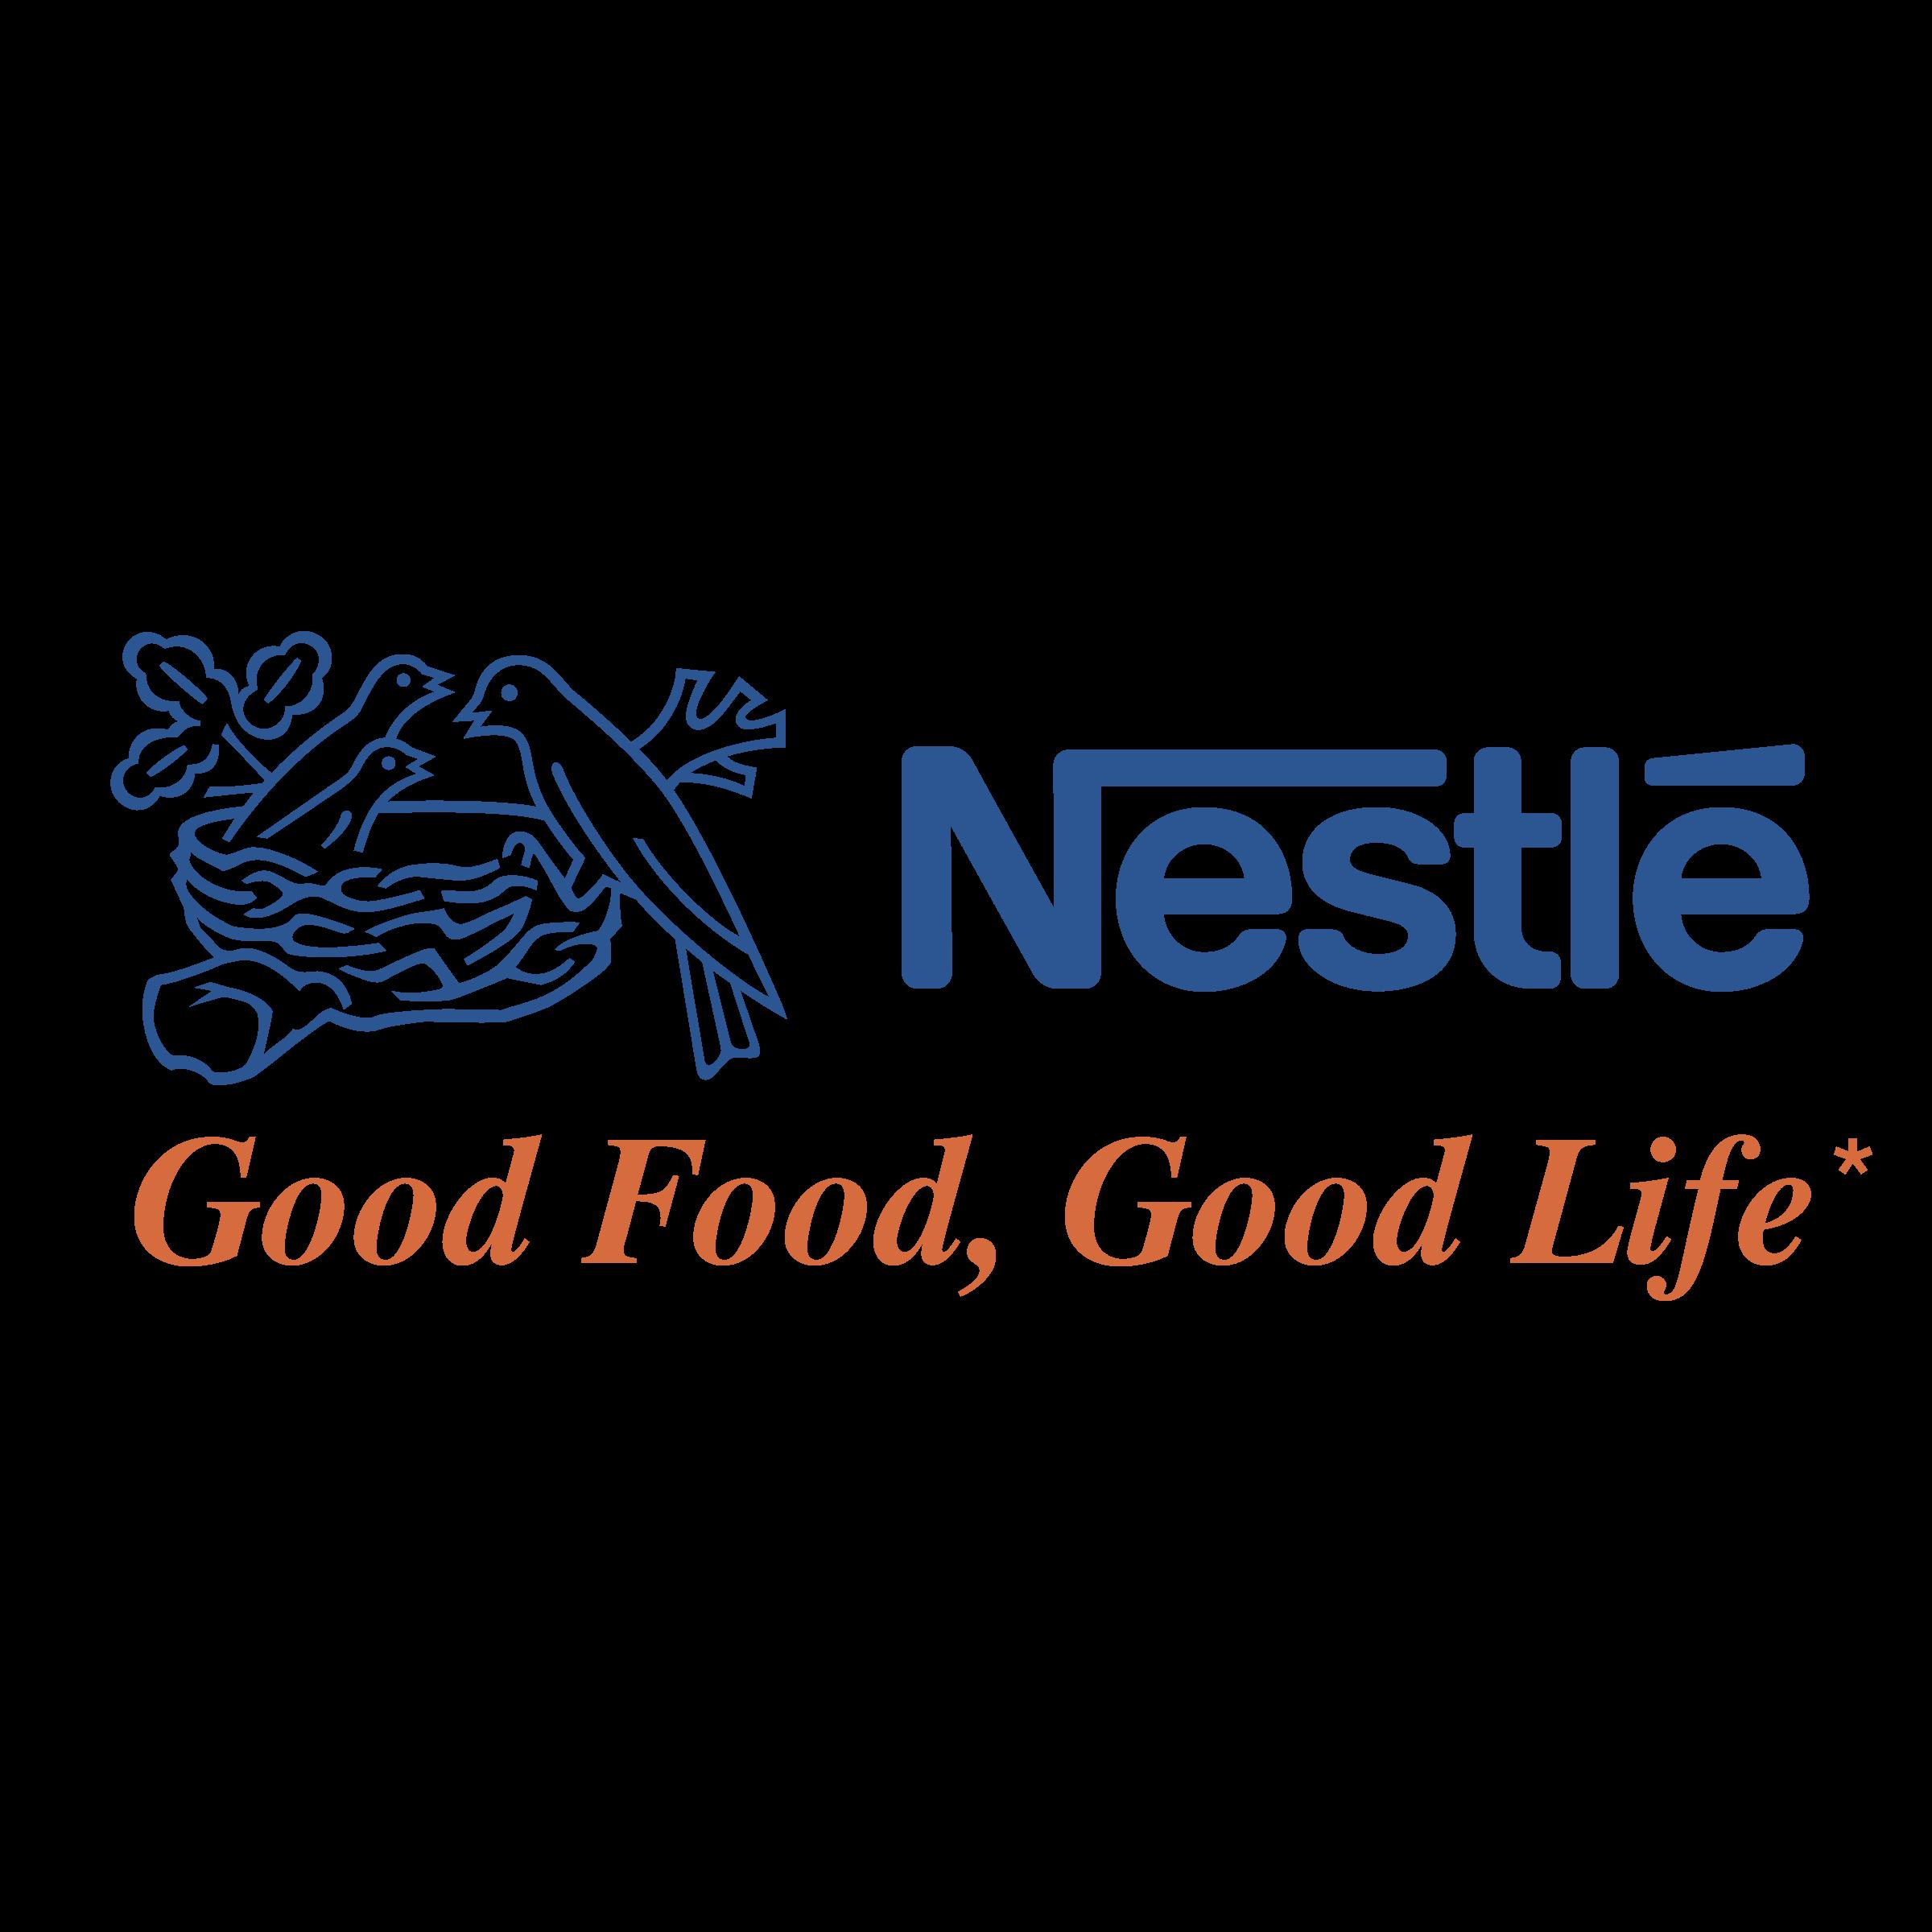 nestle-12-logo-png-transparent.png